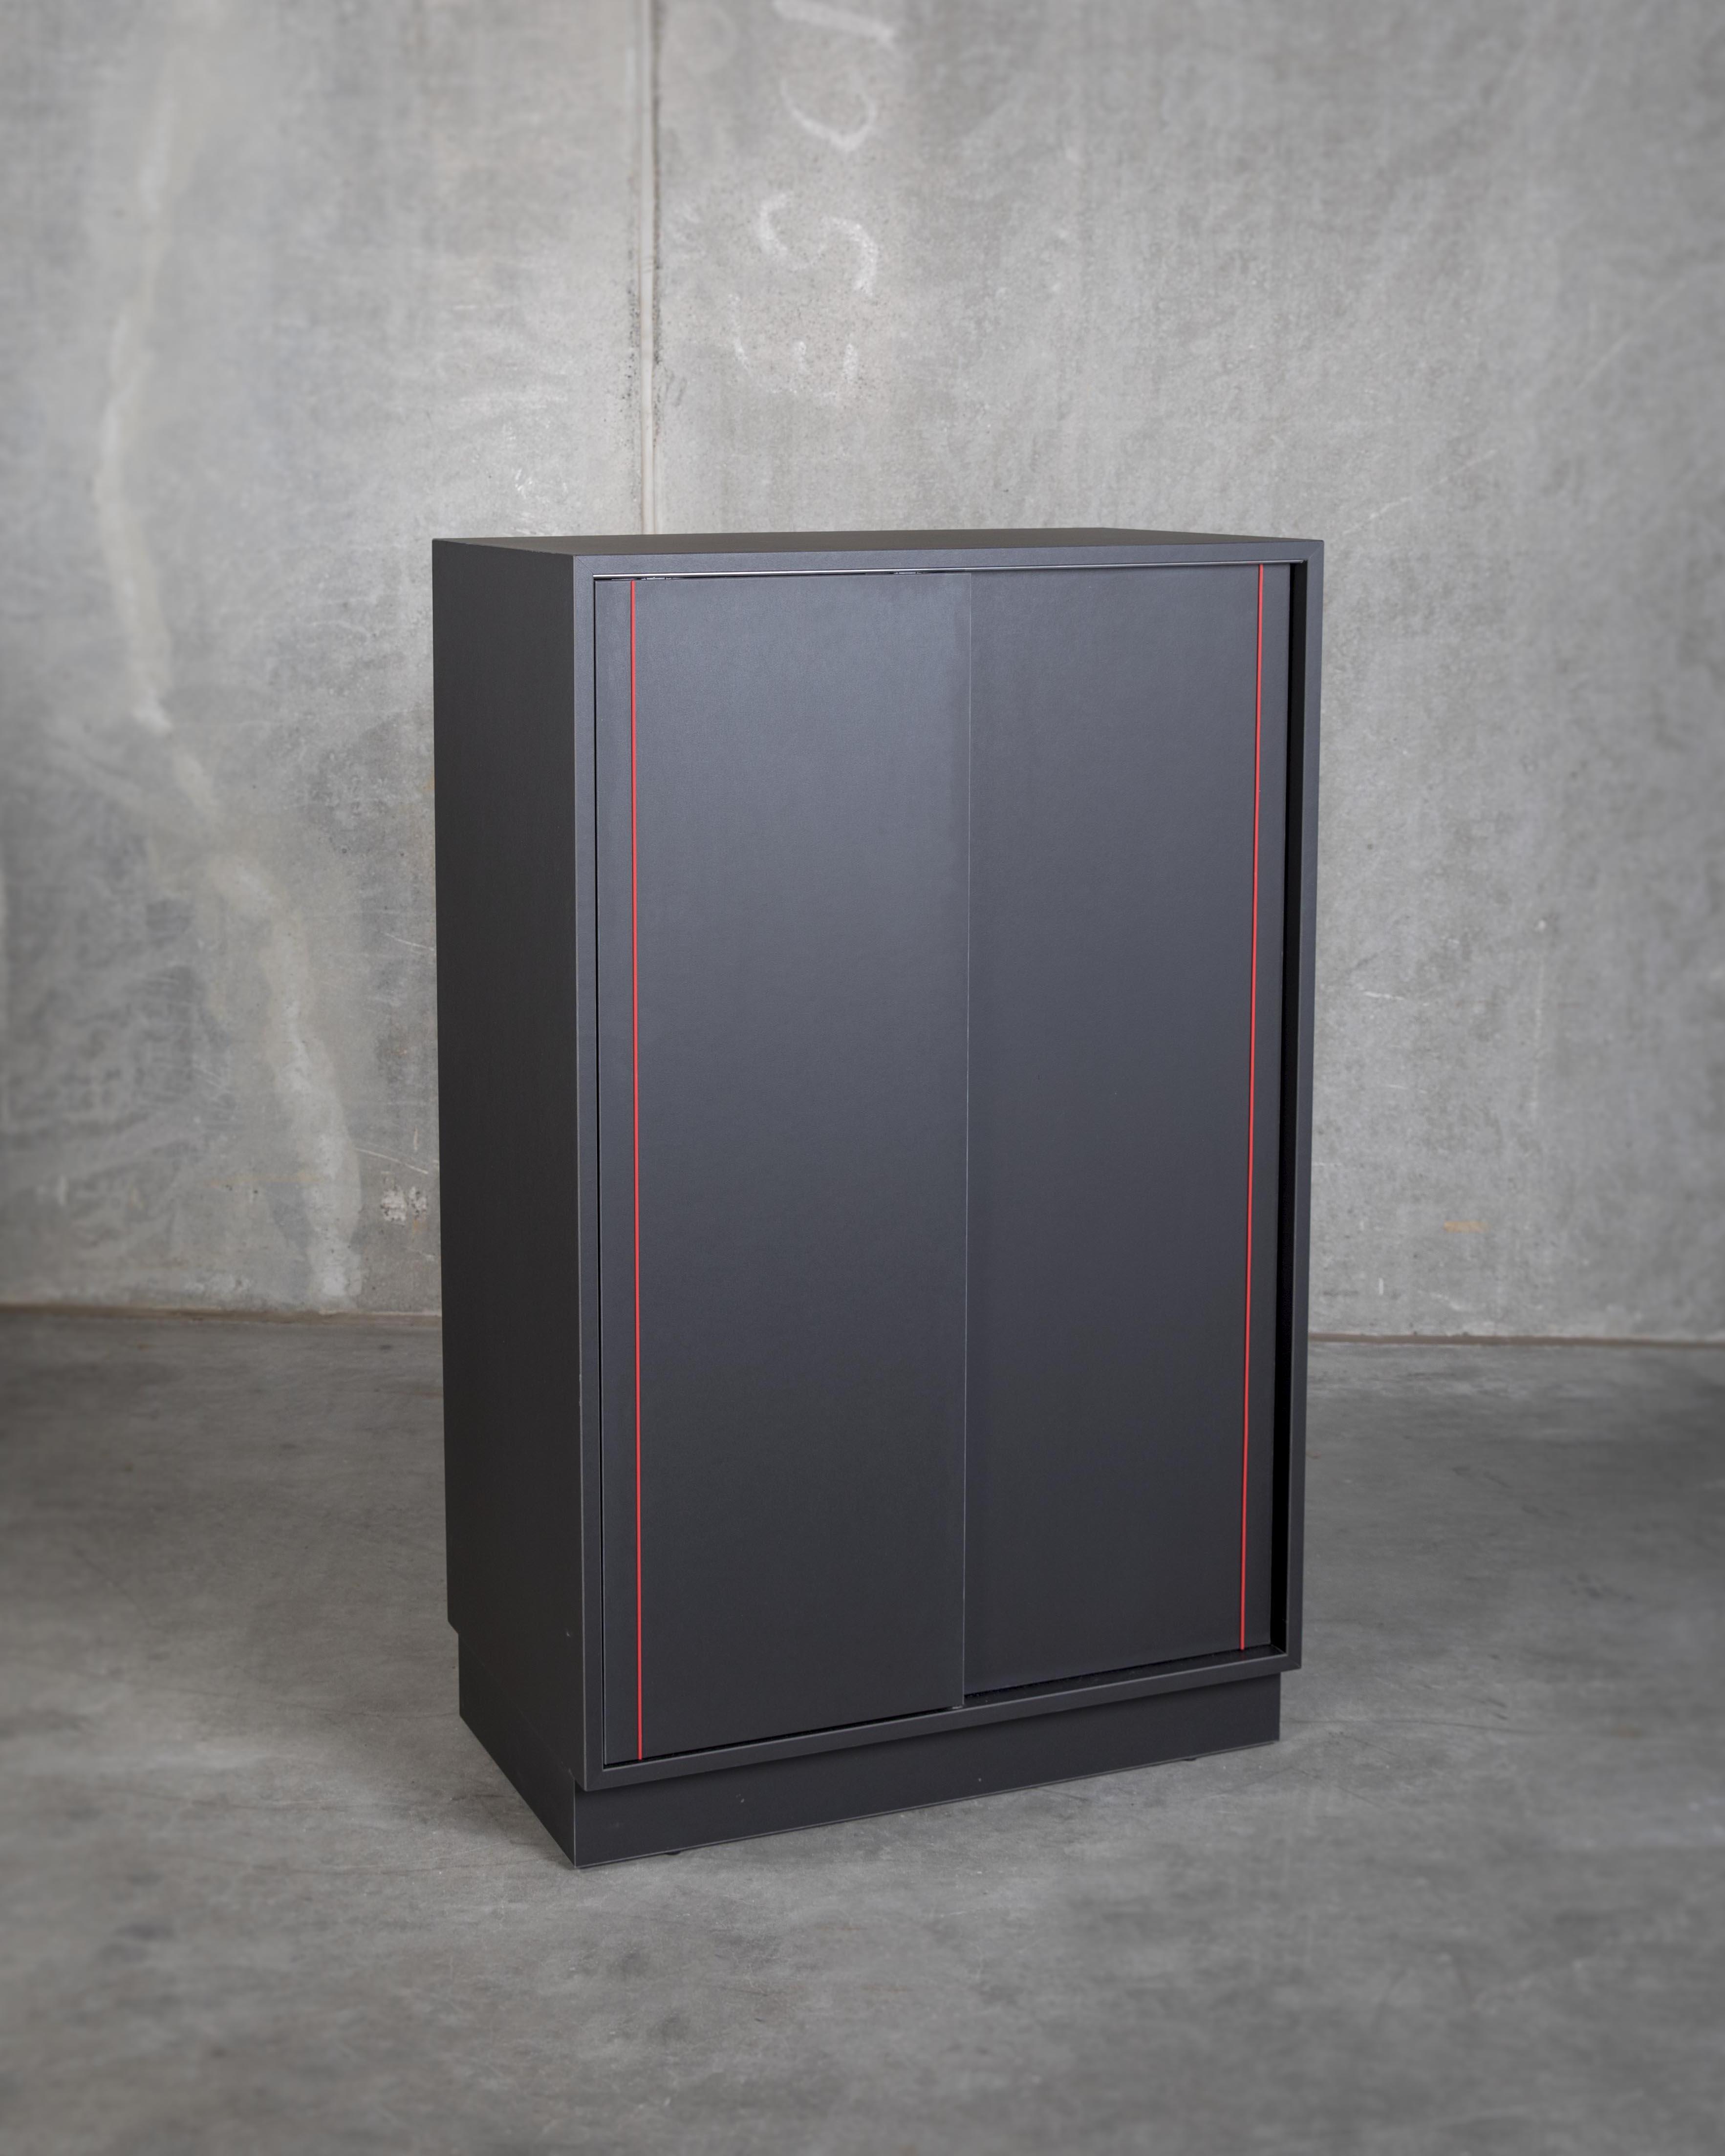 WO_Storage_07_110119